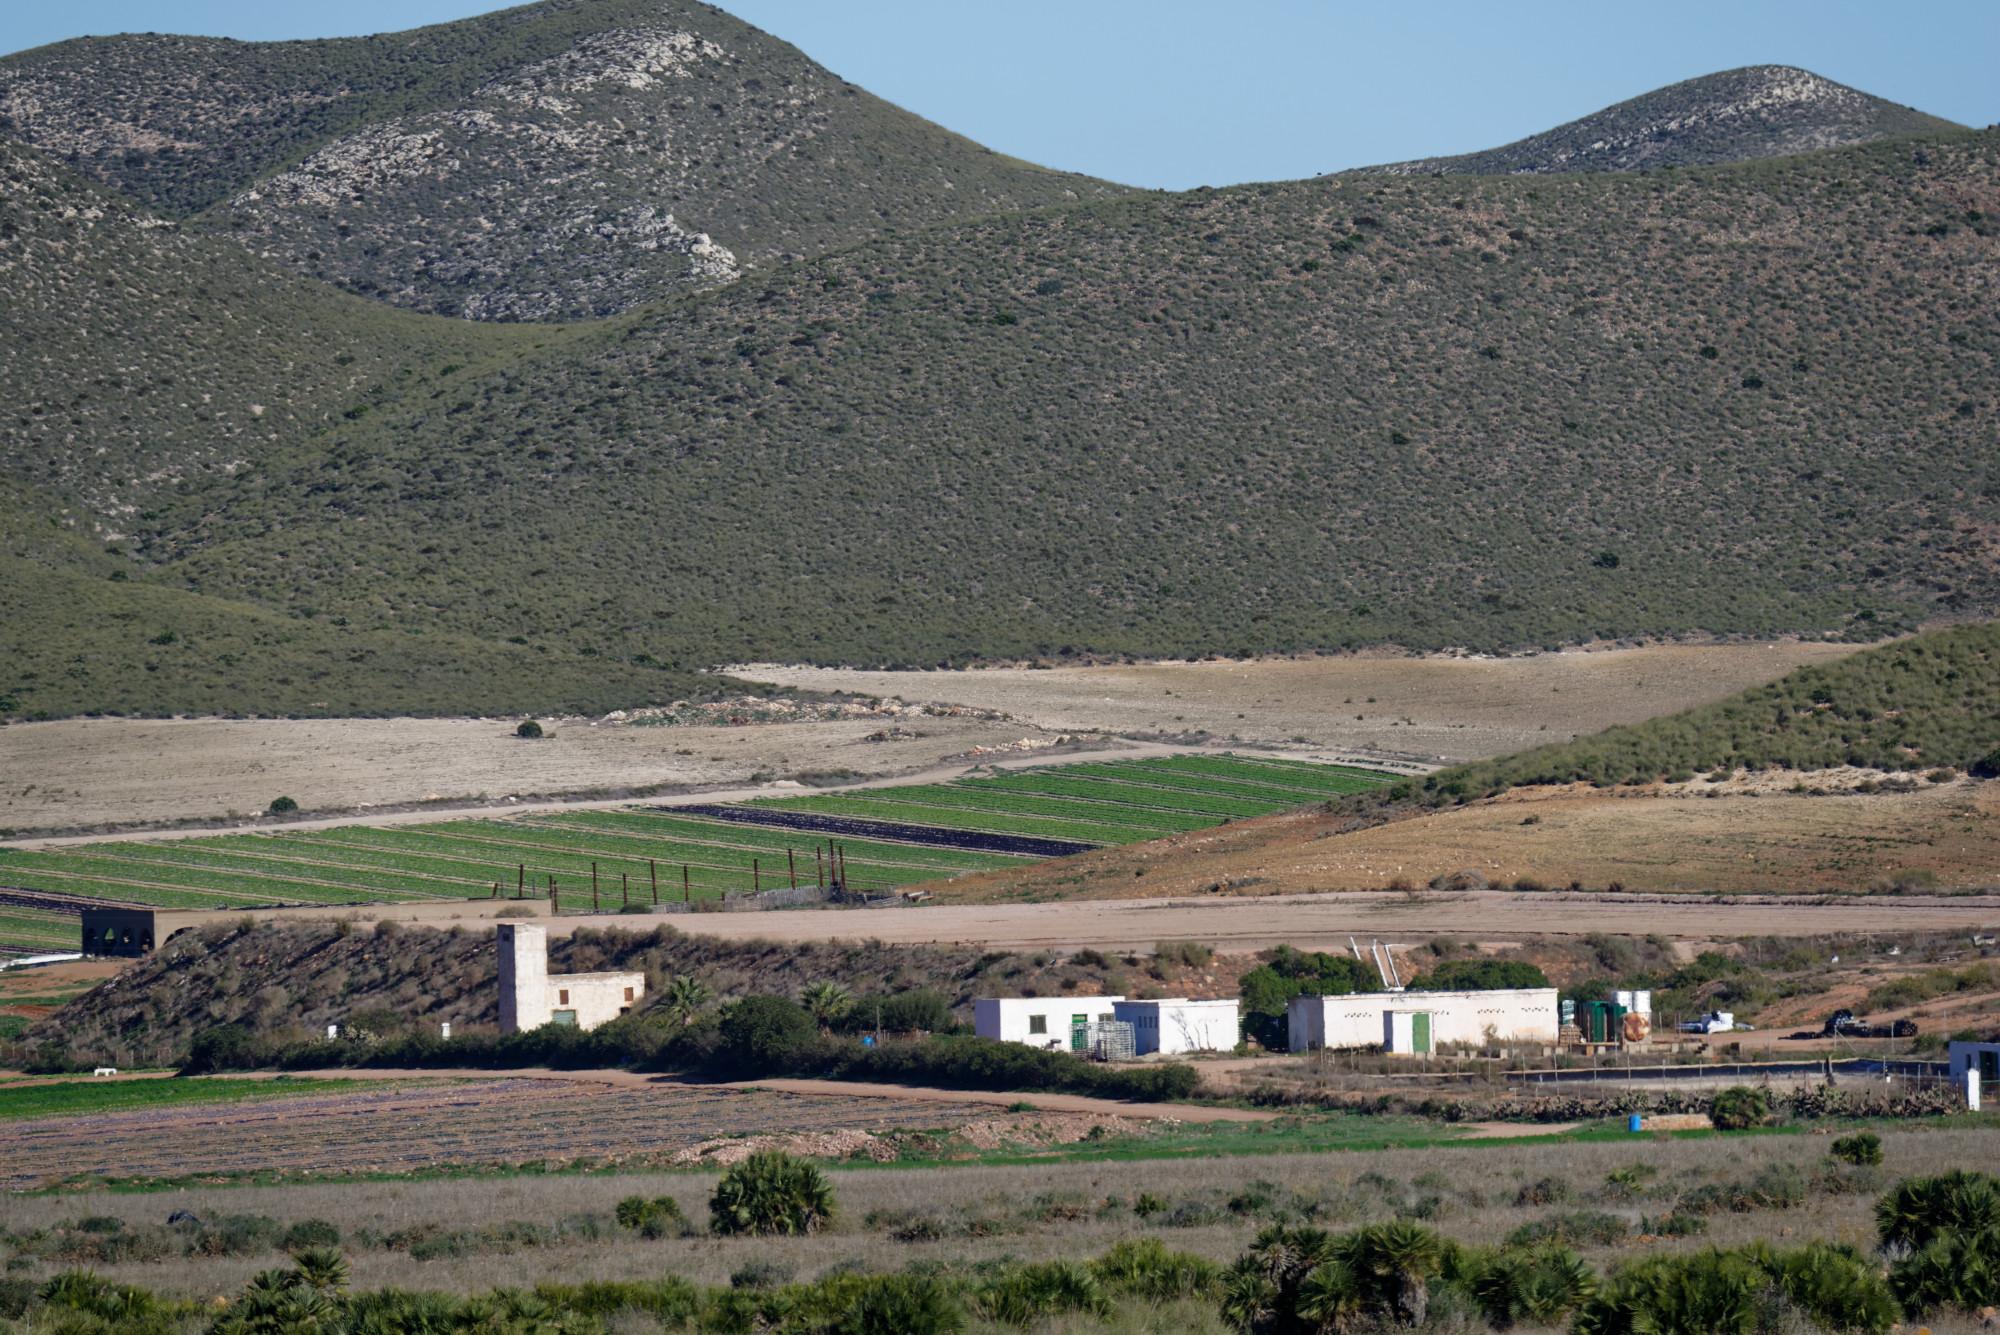 171218-Piste Rodalquilar vers Cortijo del Fraile (Cabo de Gata-Andalousie) (37)